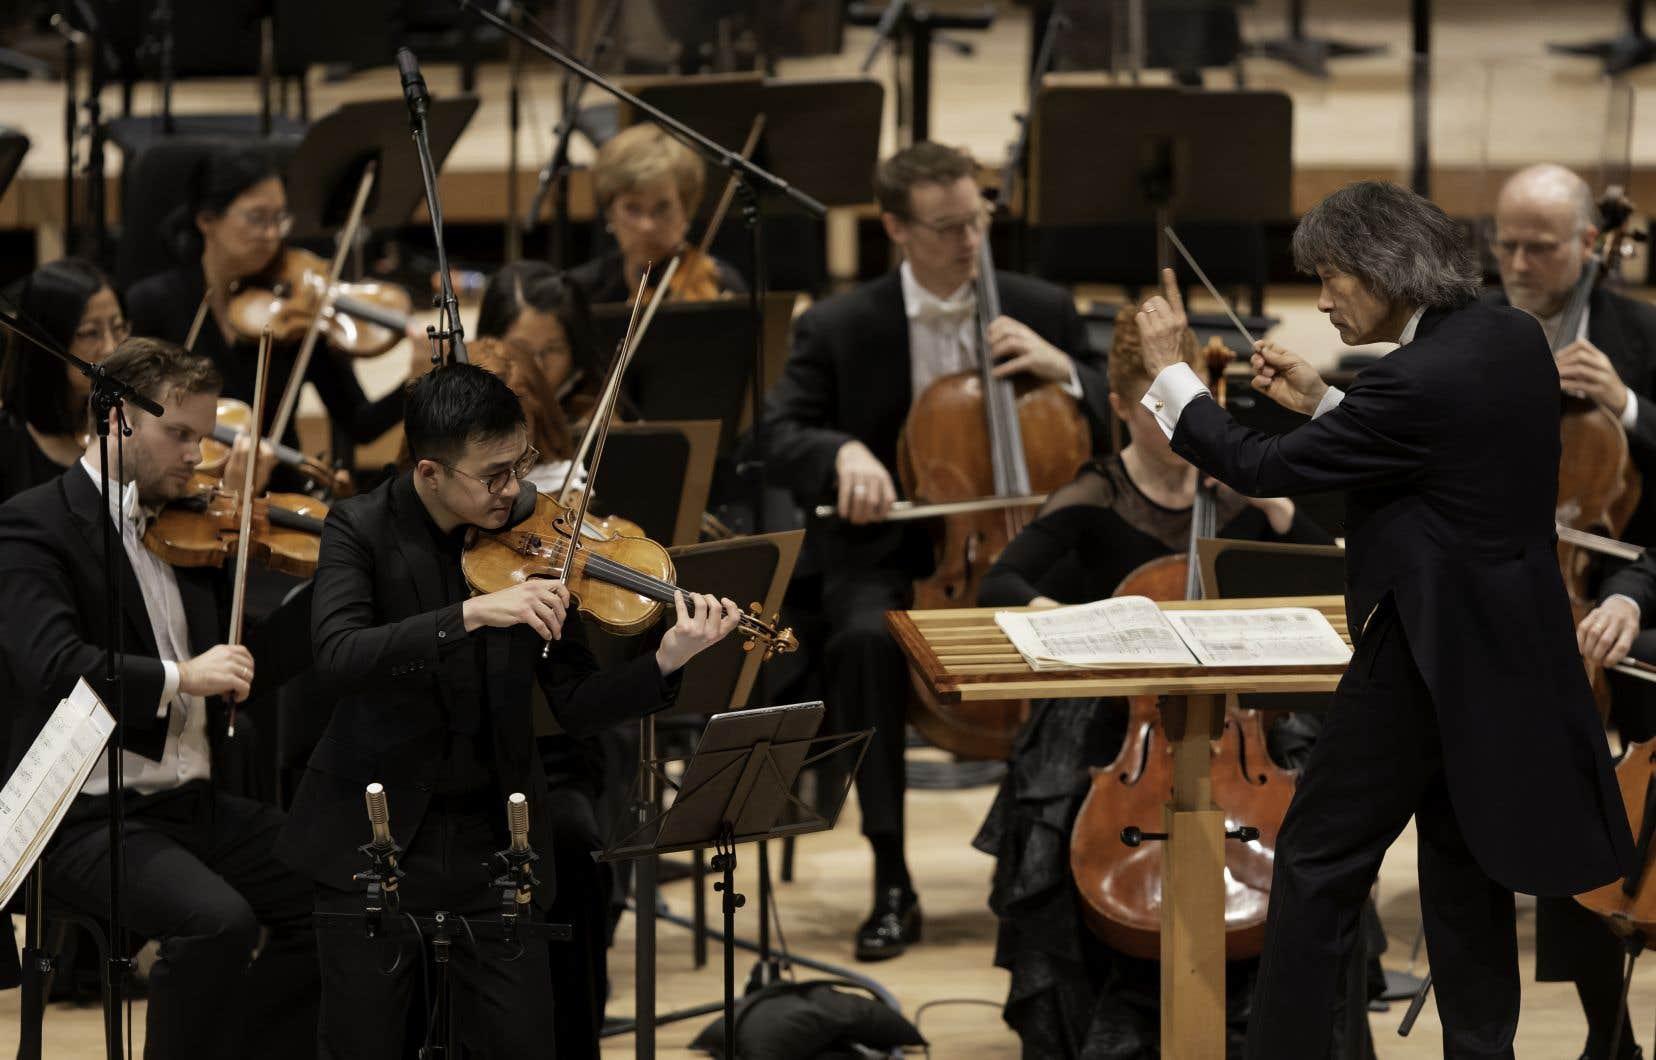 Andrew Wan, ici avec le maestro Kent Nagano, est le soliste du nouveau CD de l'Orchestre symphonique de Montréal, couplant le Concerto pour violon de Ginastera, la Sérénade de Bernstein et le nouveau Concerto pour violon, «Adrano» (2019), de Samy Moussa.